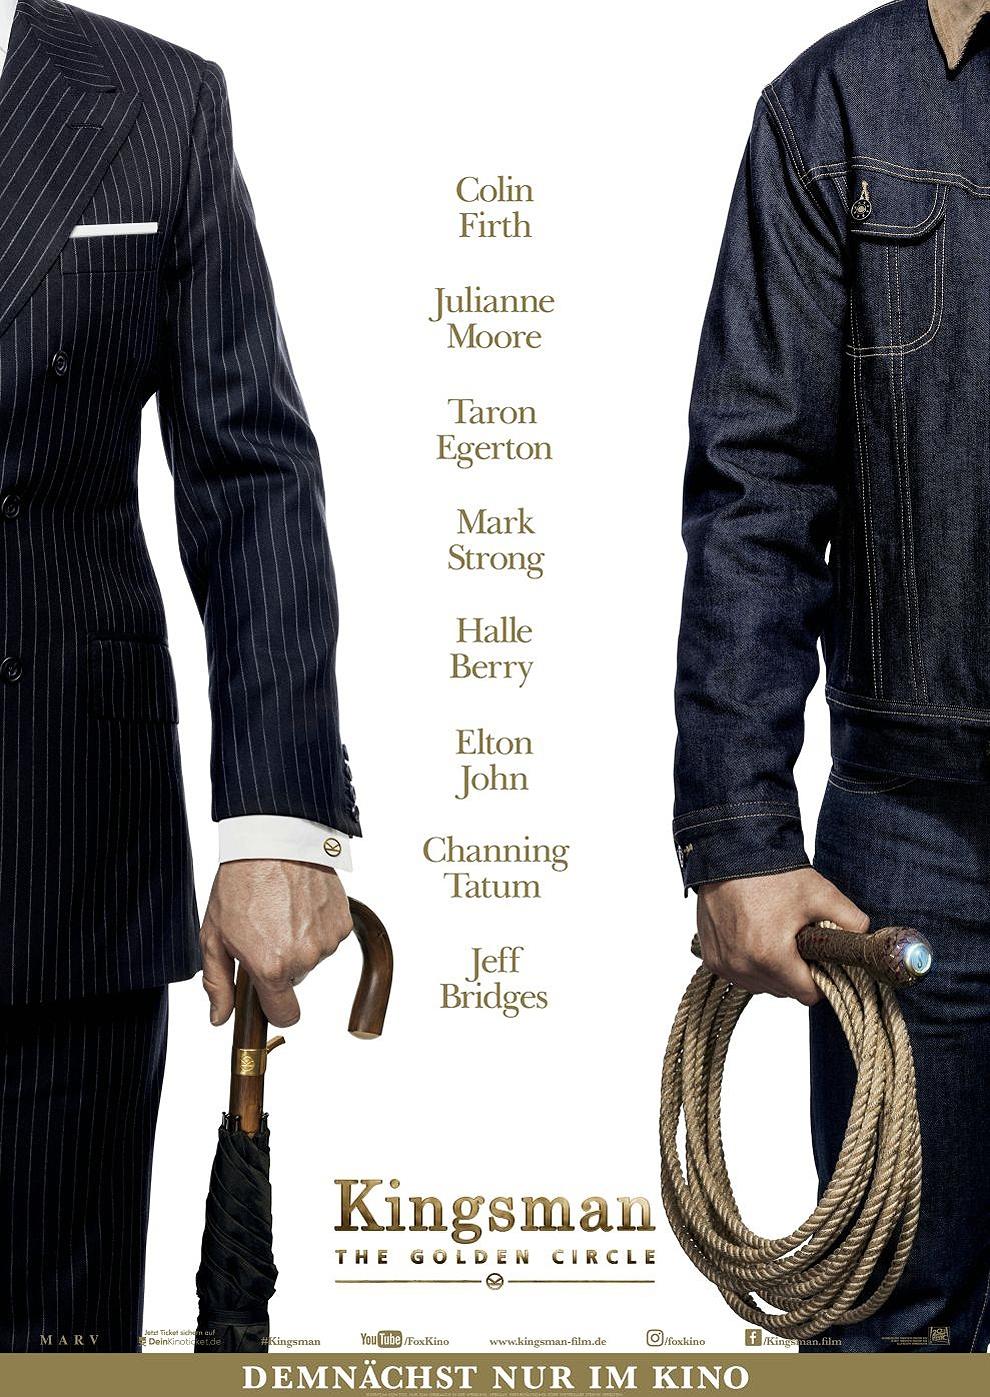 Kingsman - The Golden Circle (Poster)